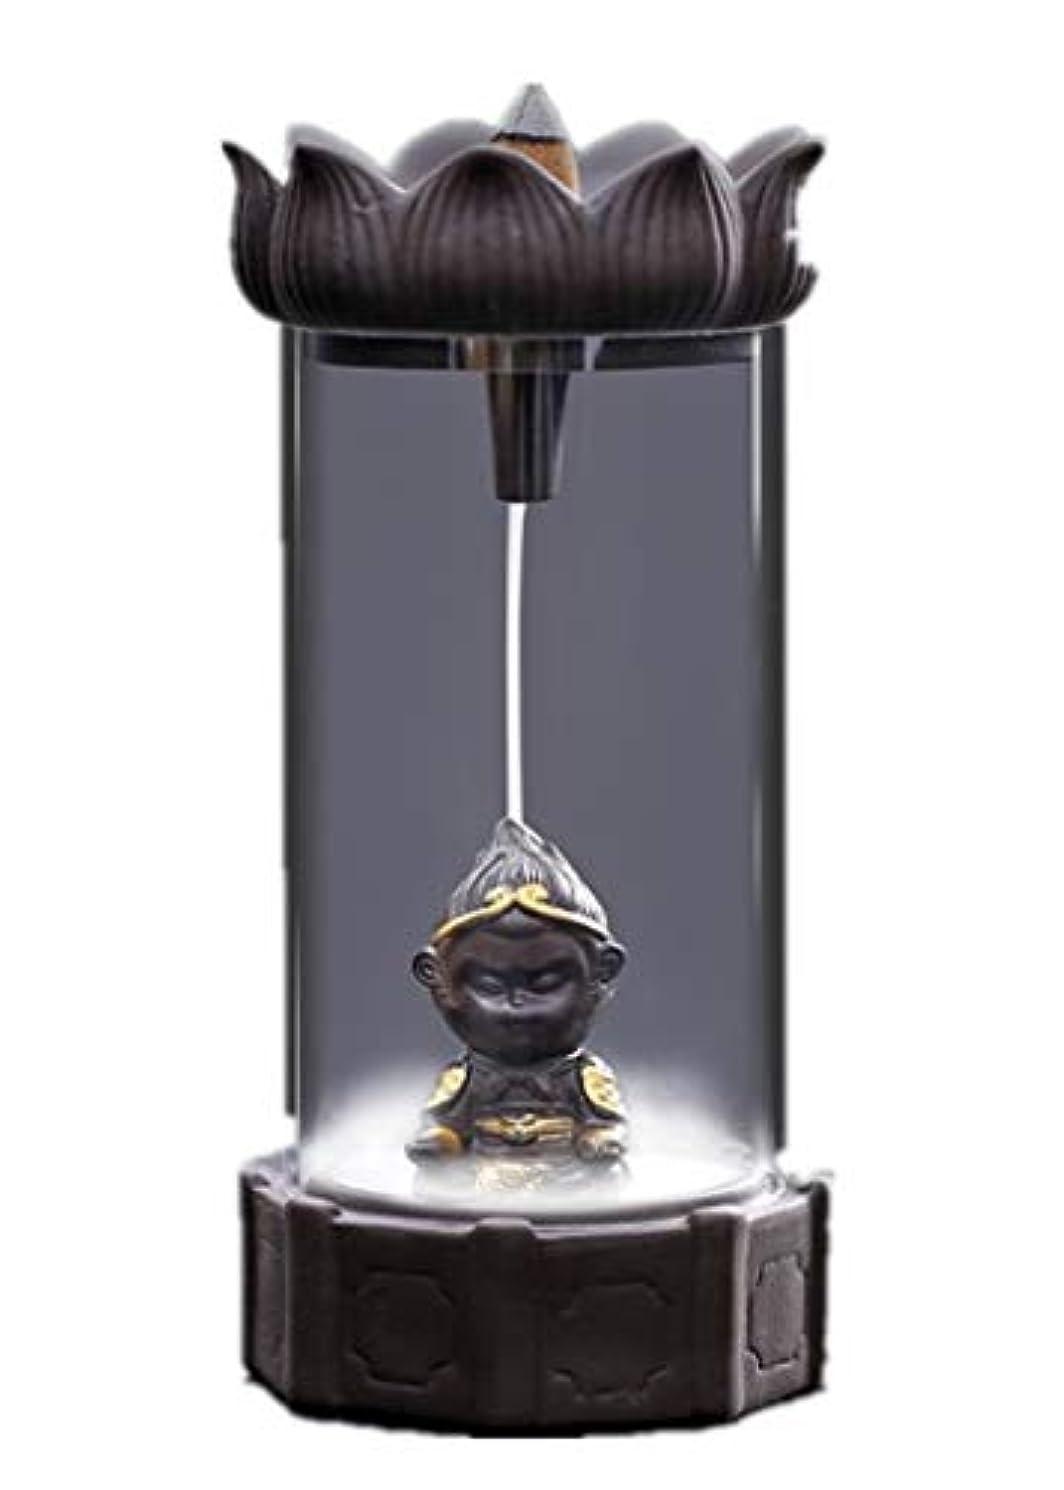 省スケート可動式XPPXPP Backflow Incense Burner, Household Ceramic Returning Cone-shaped Candlestick Burner